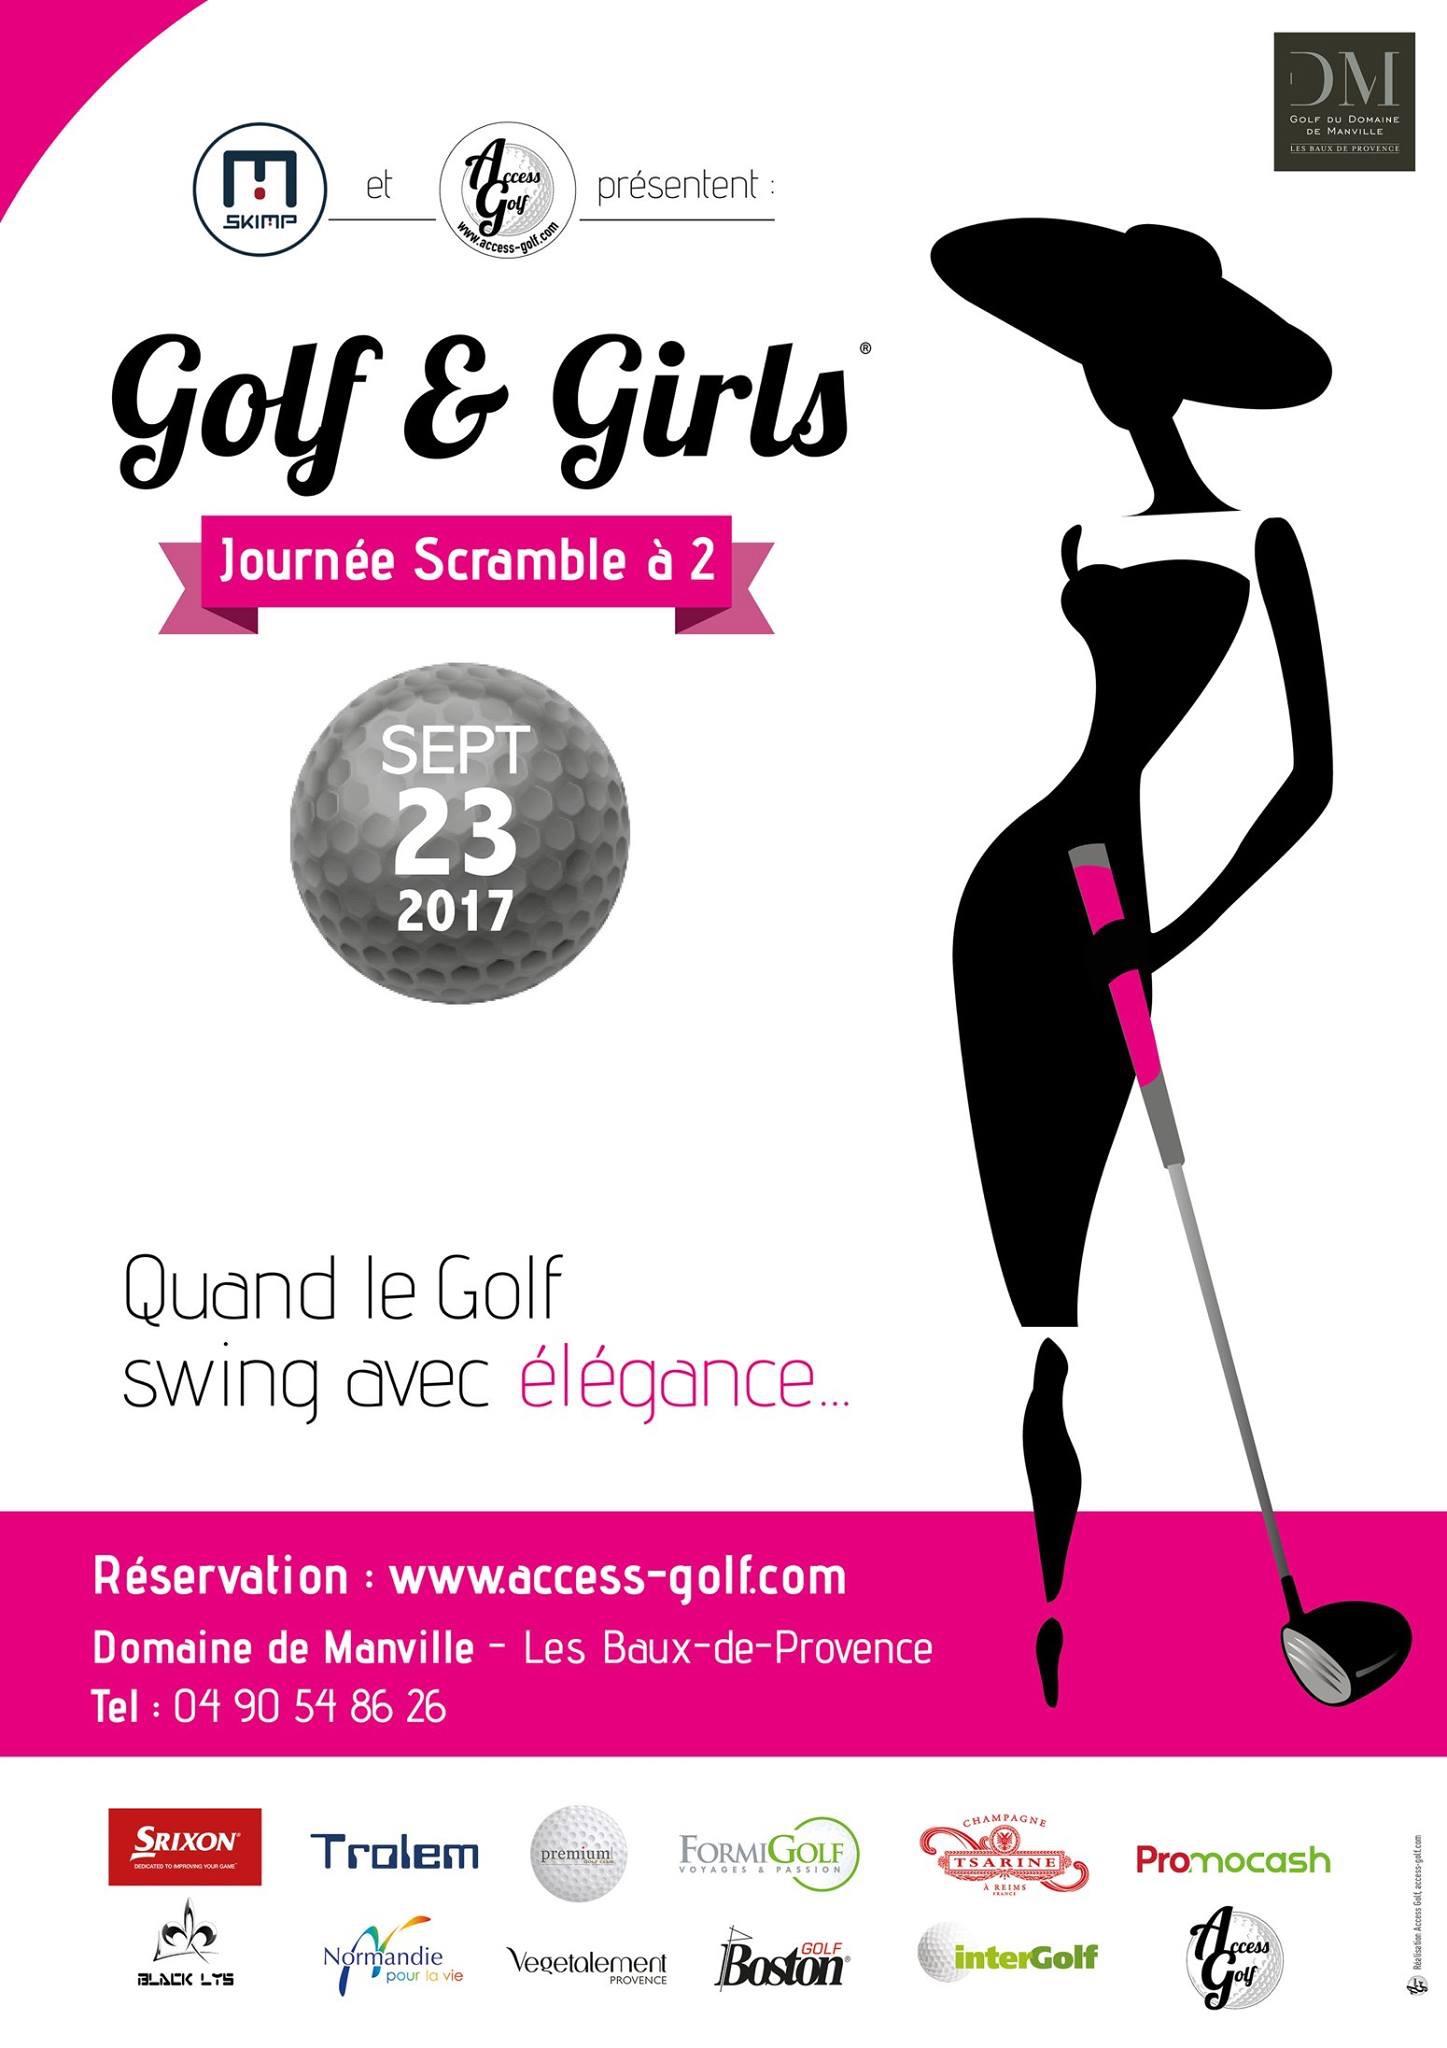 Affiche Golf & Girl 2017 : Vp partenaire beauté